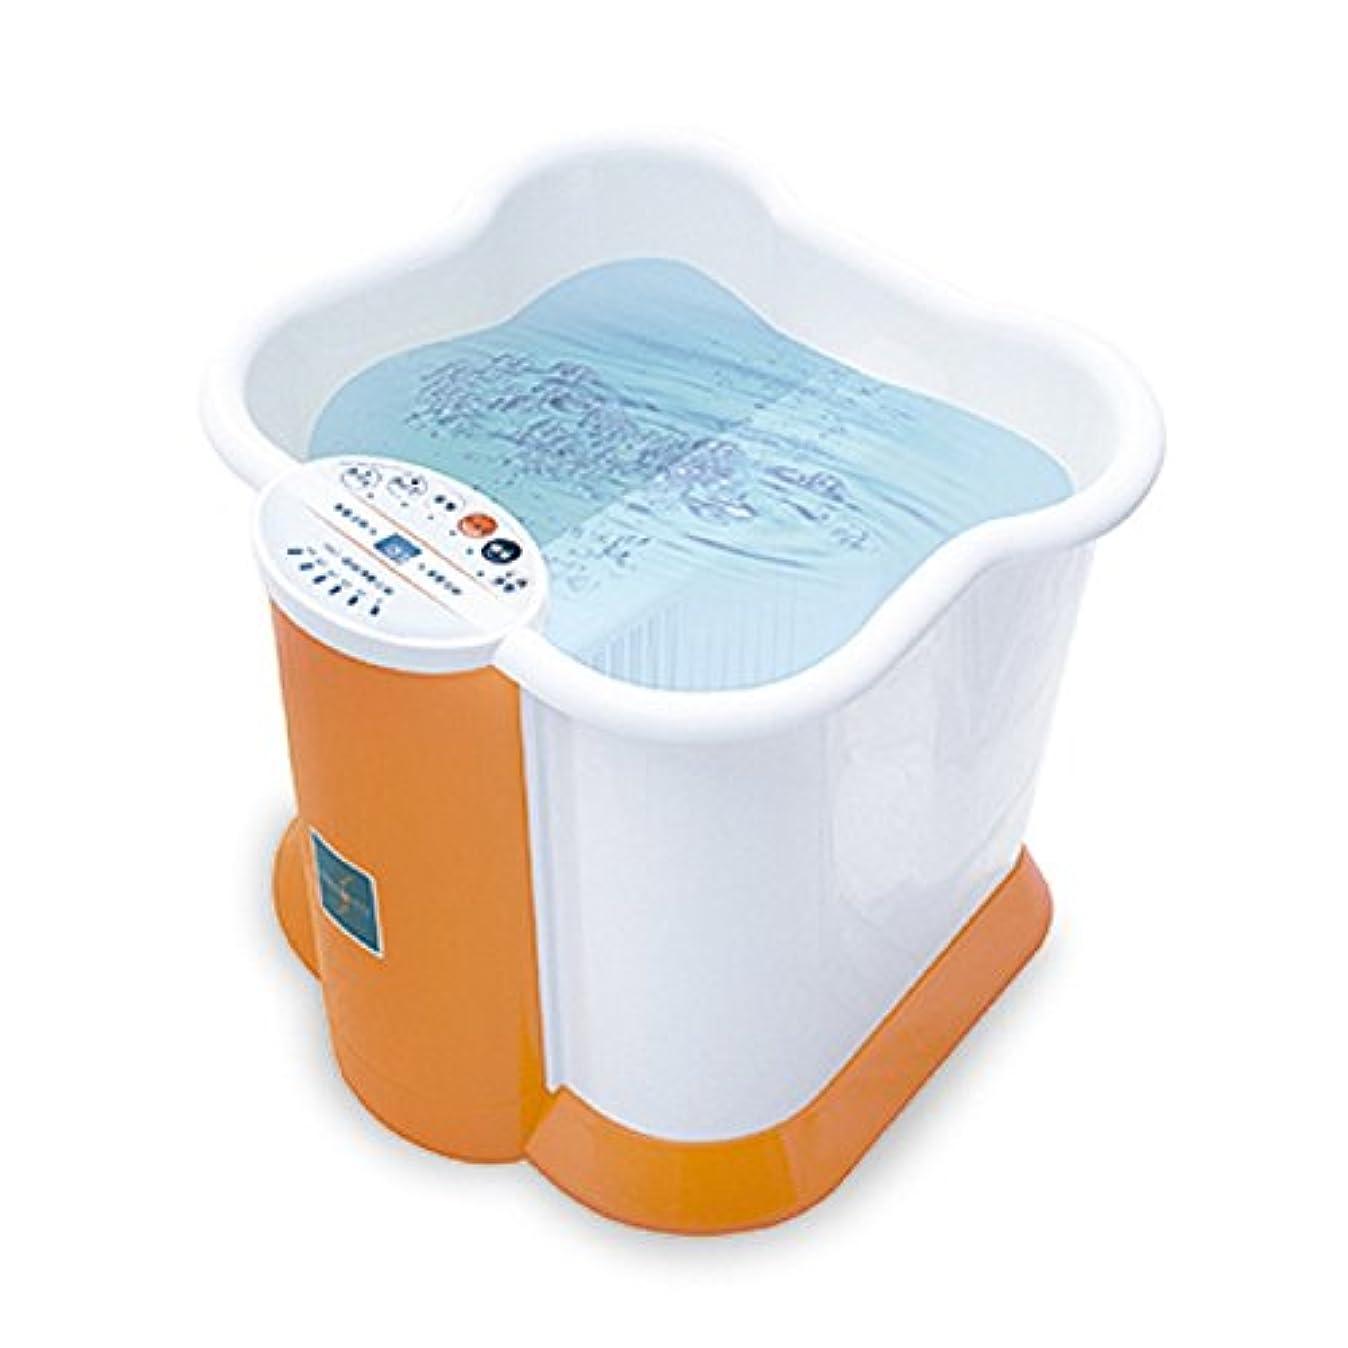 深型 足湯 フットバス Ashiyu foot Spa KS-N1010 保温 バブル